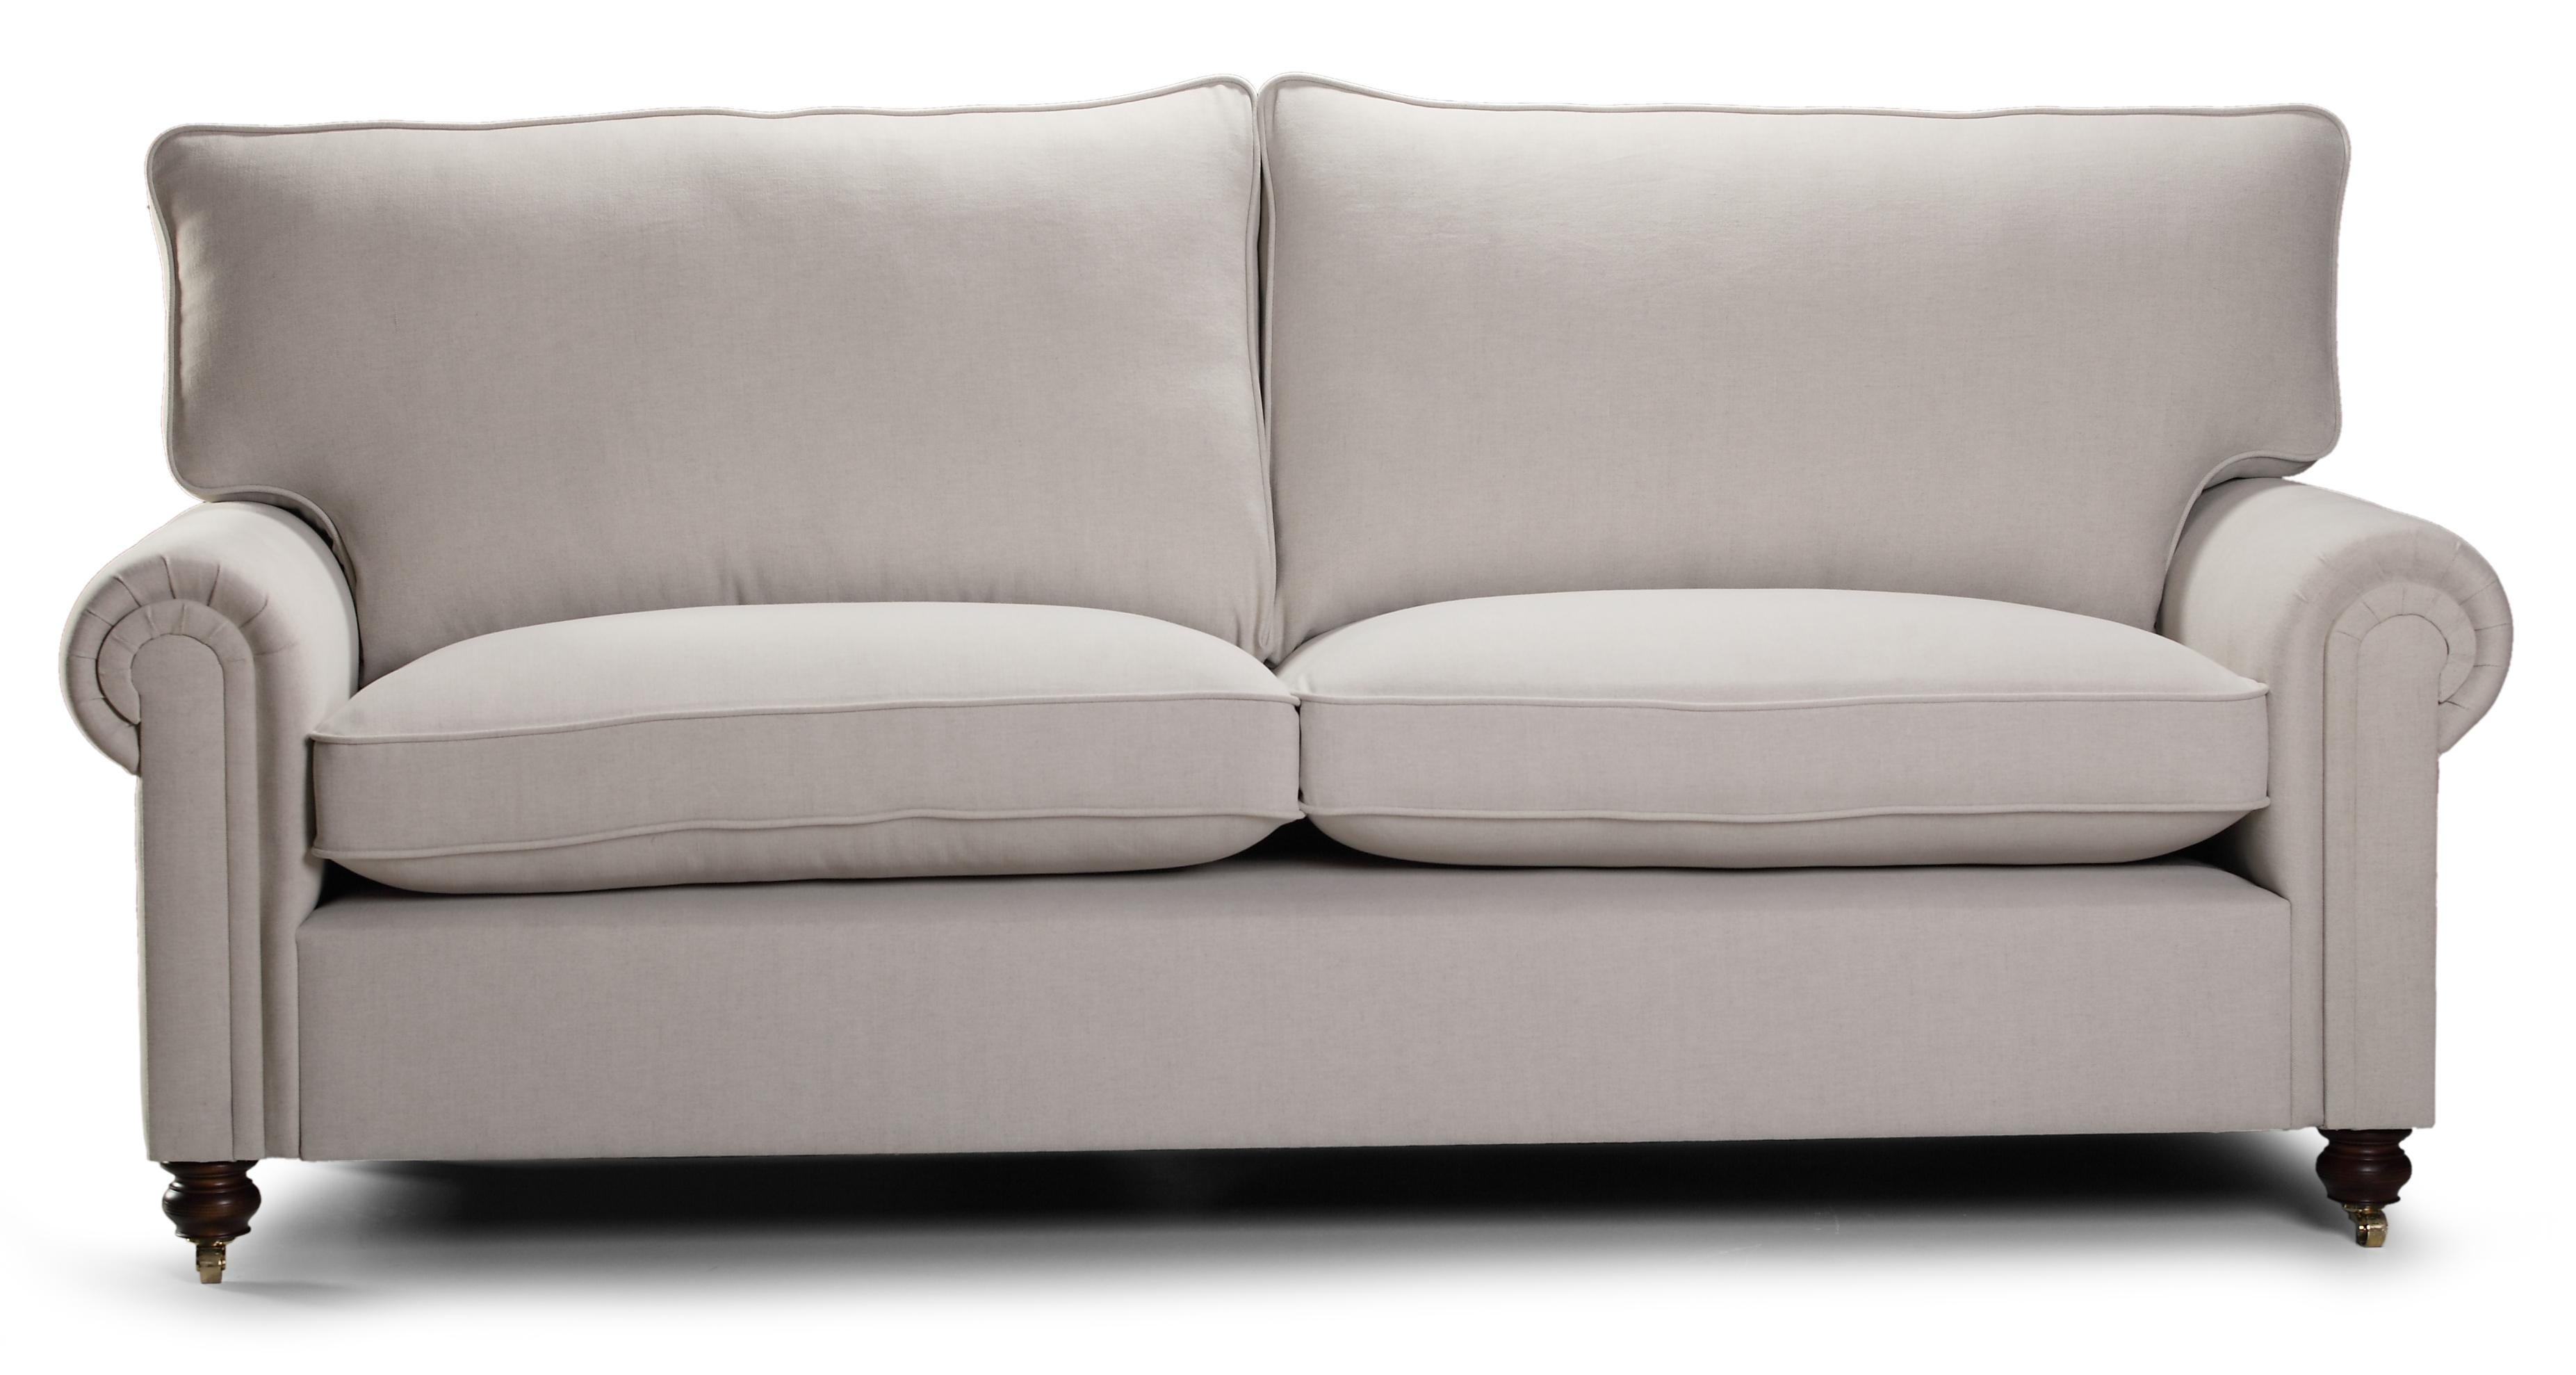 Canapea fixa 3 locuri tapitata cu stofa Laxley